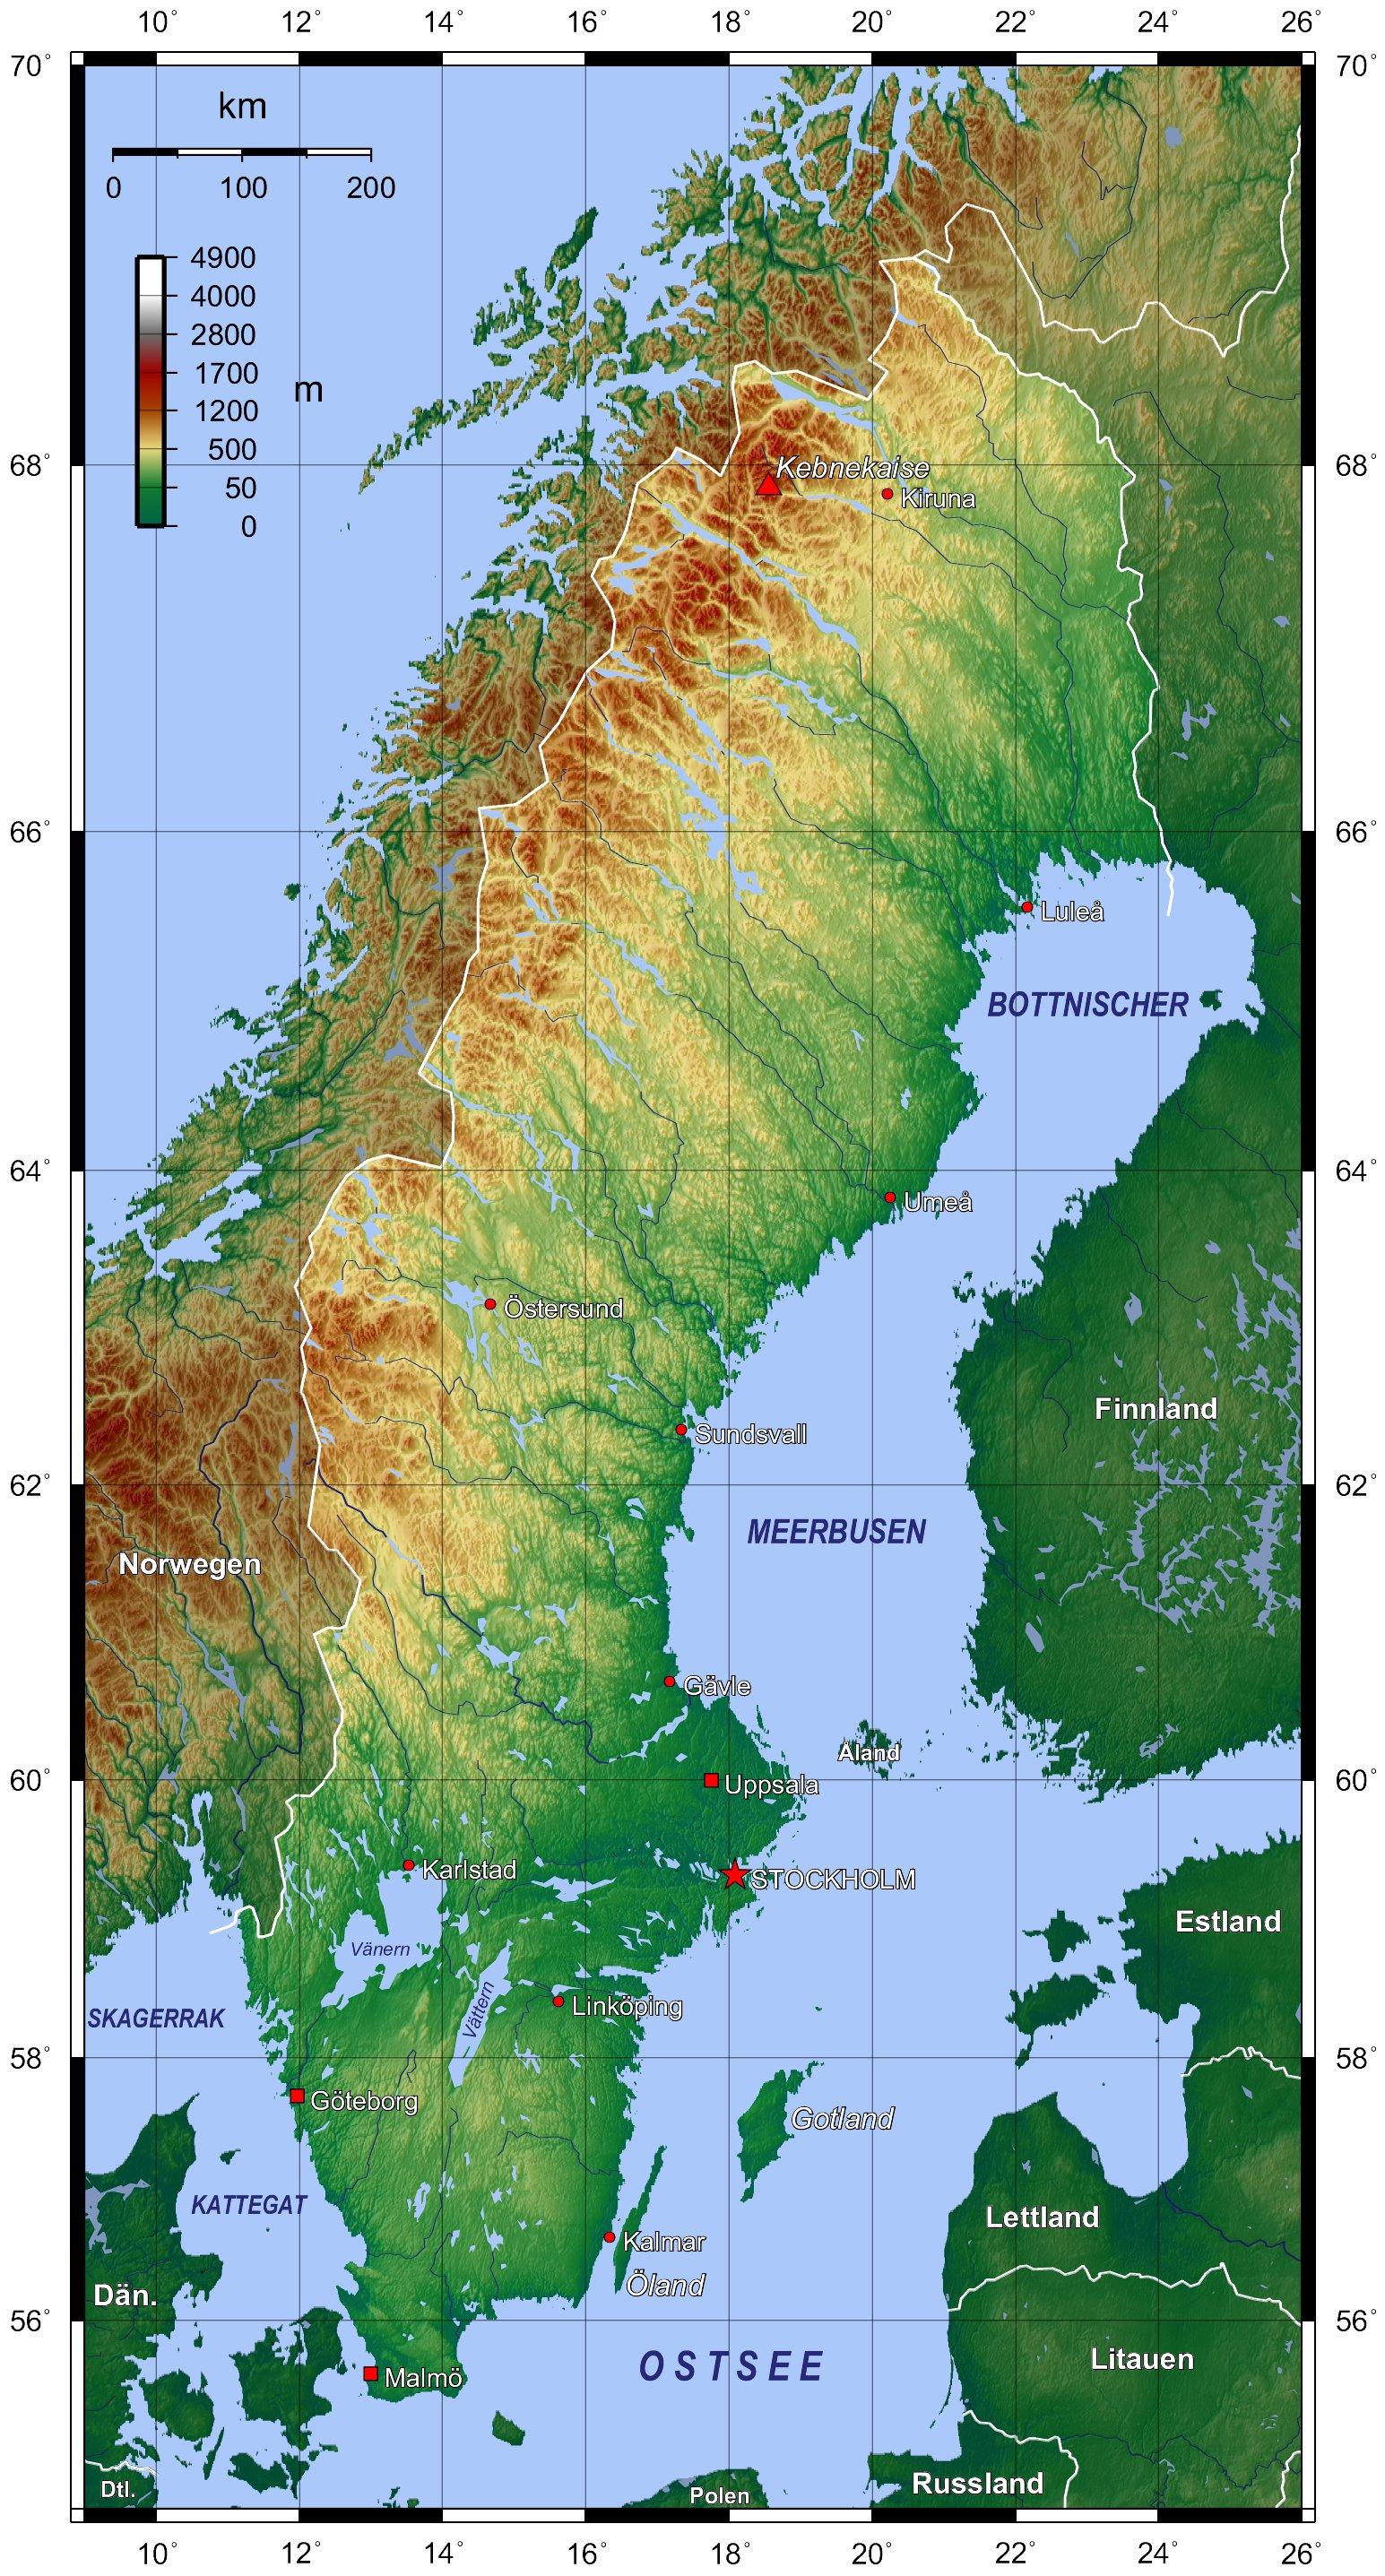 Landkarte Schweden Topographische Karte Weltkarte Com Karten